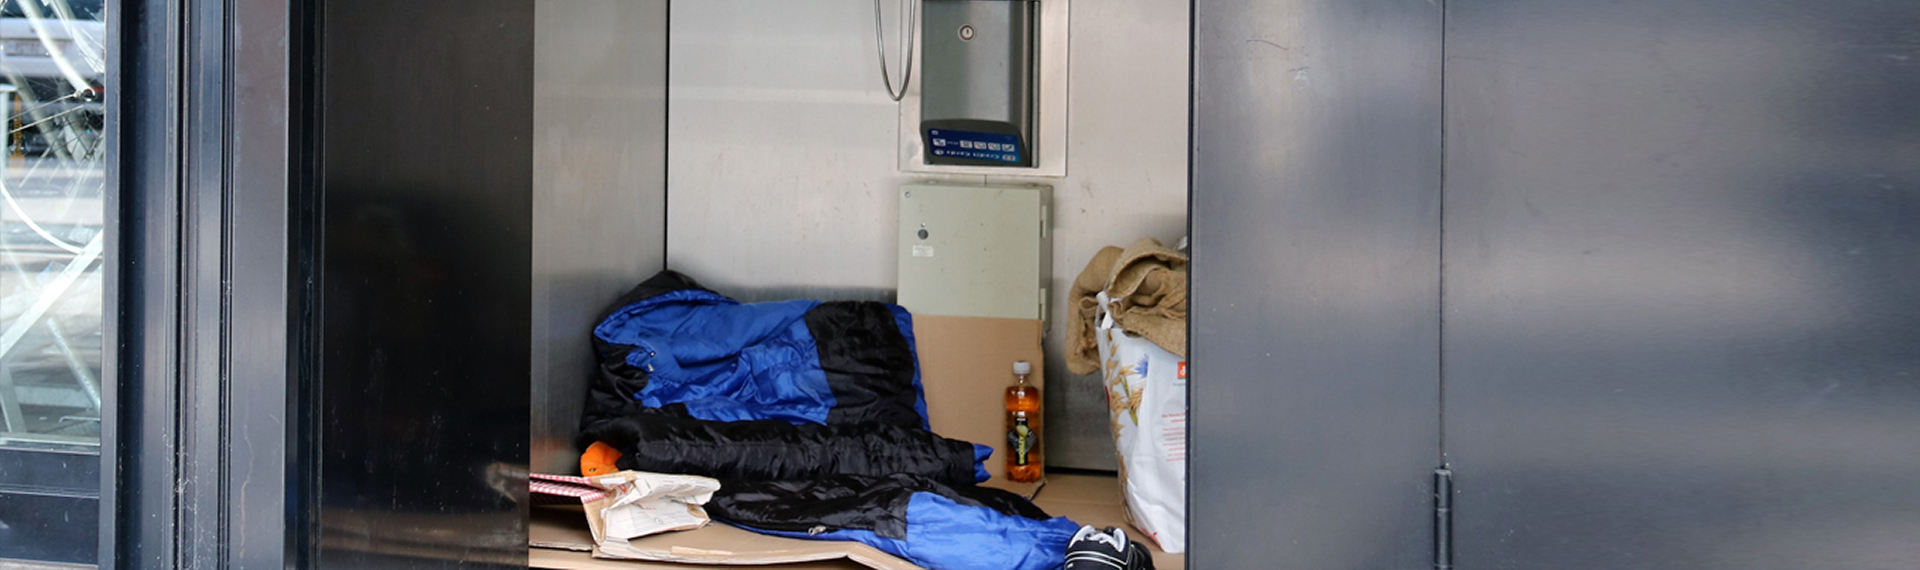 Obdachlos-header